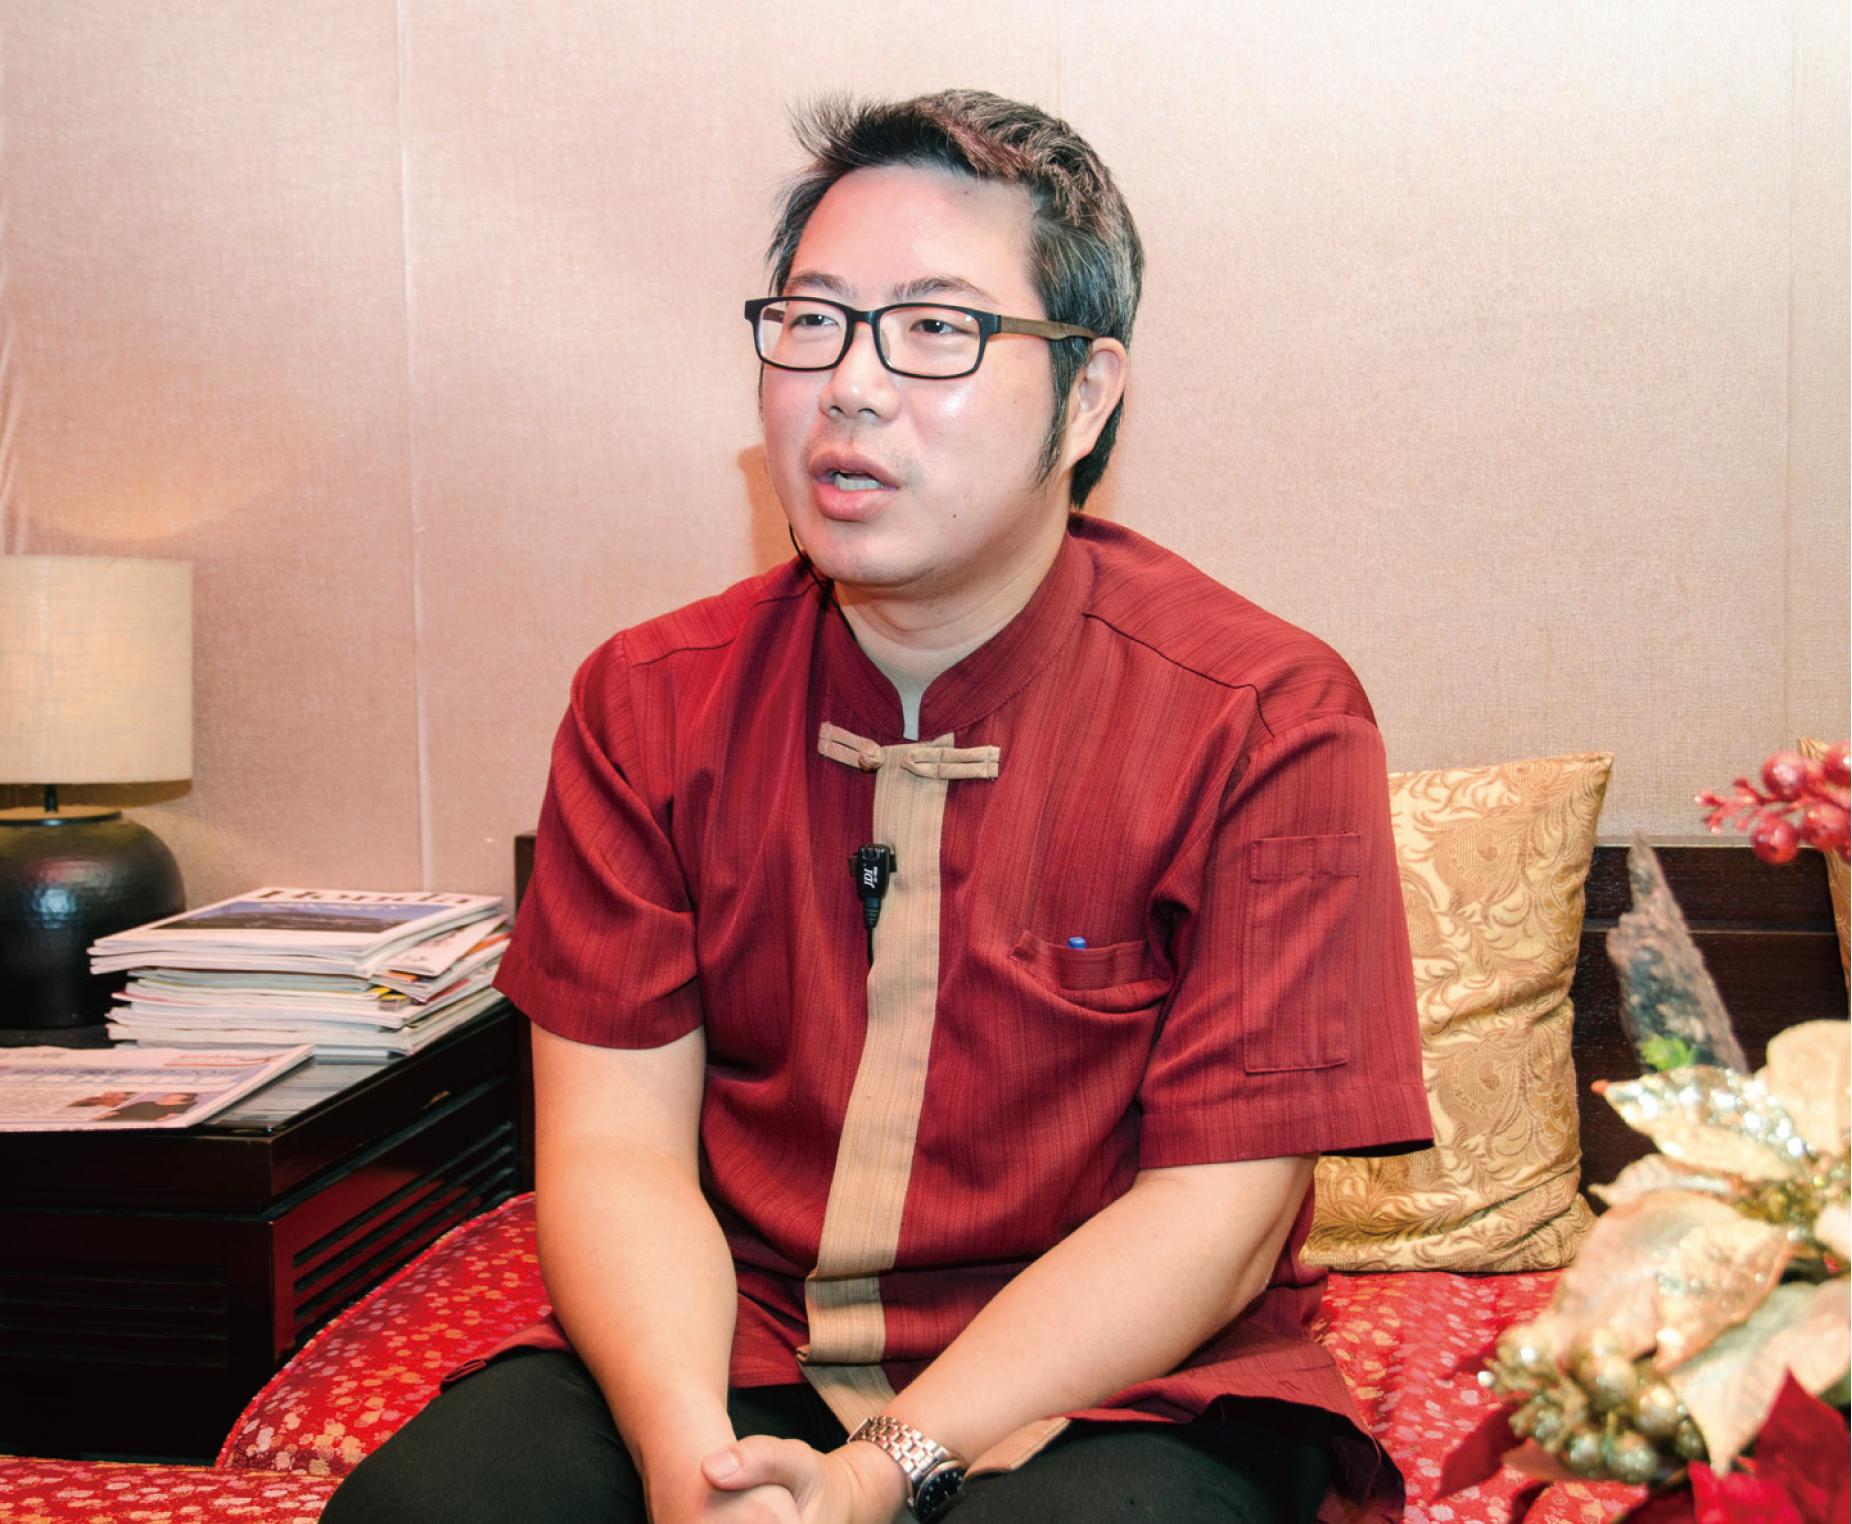 溢香園第二代經營者裘嘉倫暢談餐廳「慢工出細活」的堅持。